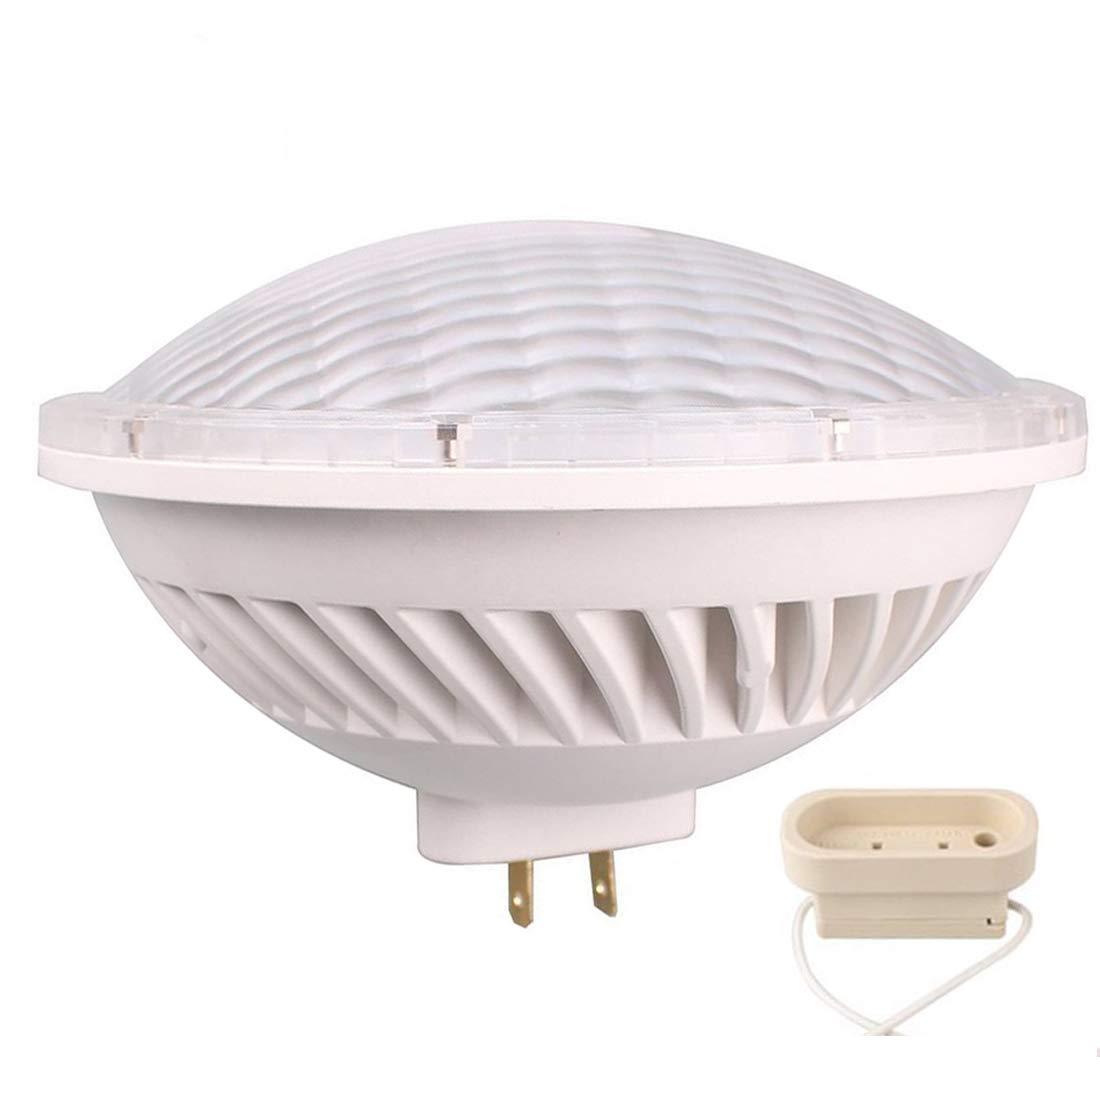 BAOMING Par56 LED Bulbs Dimmable Light 300W Equivalent PAR56 Halogen Replacement LED PAR56 28W 24°Deg Spot Light Warm White 2700~3000K AC 120V GX16D Base